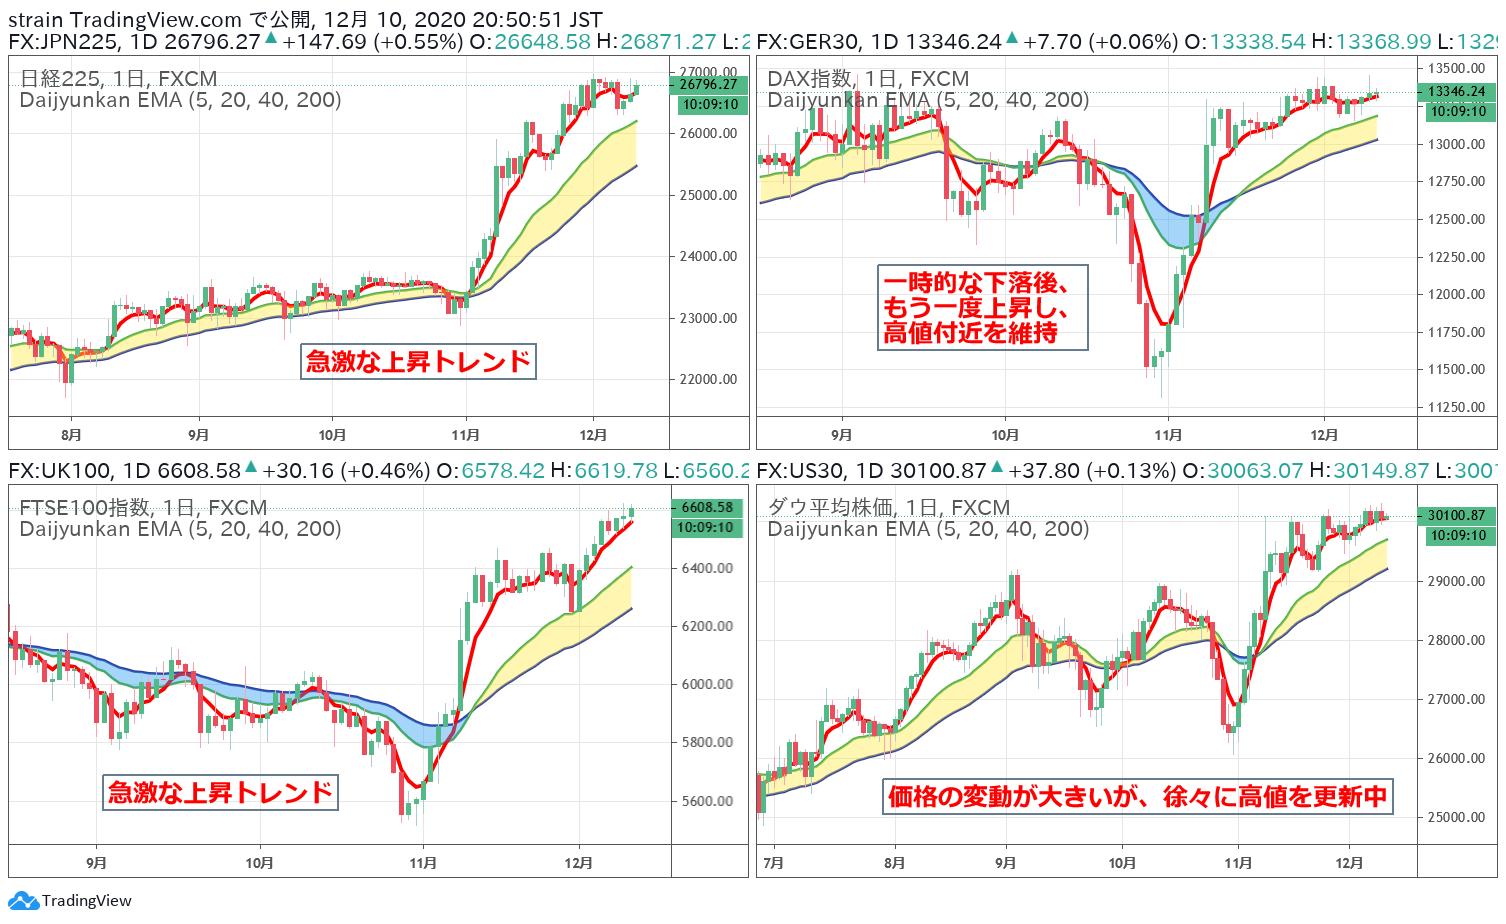 世界の株価の株高状況分析2020年